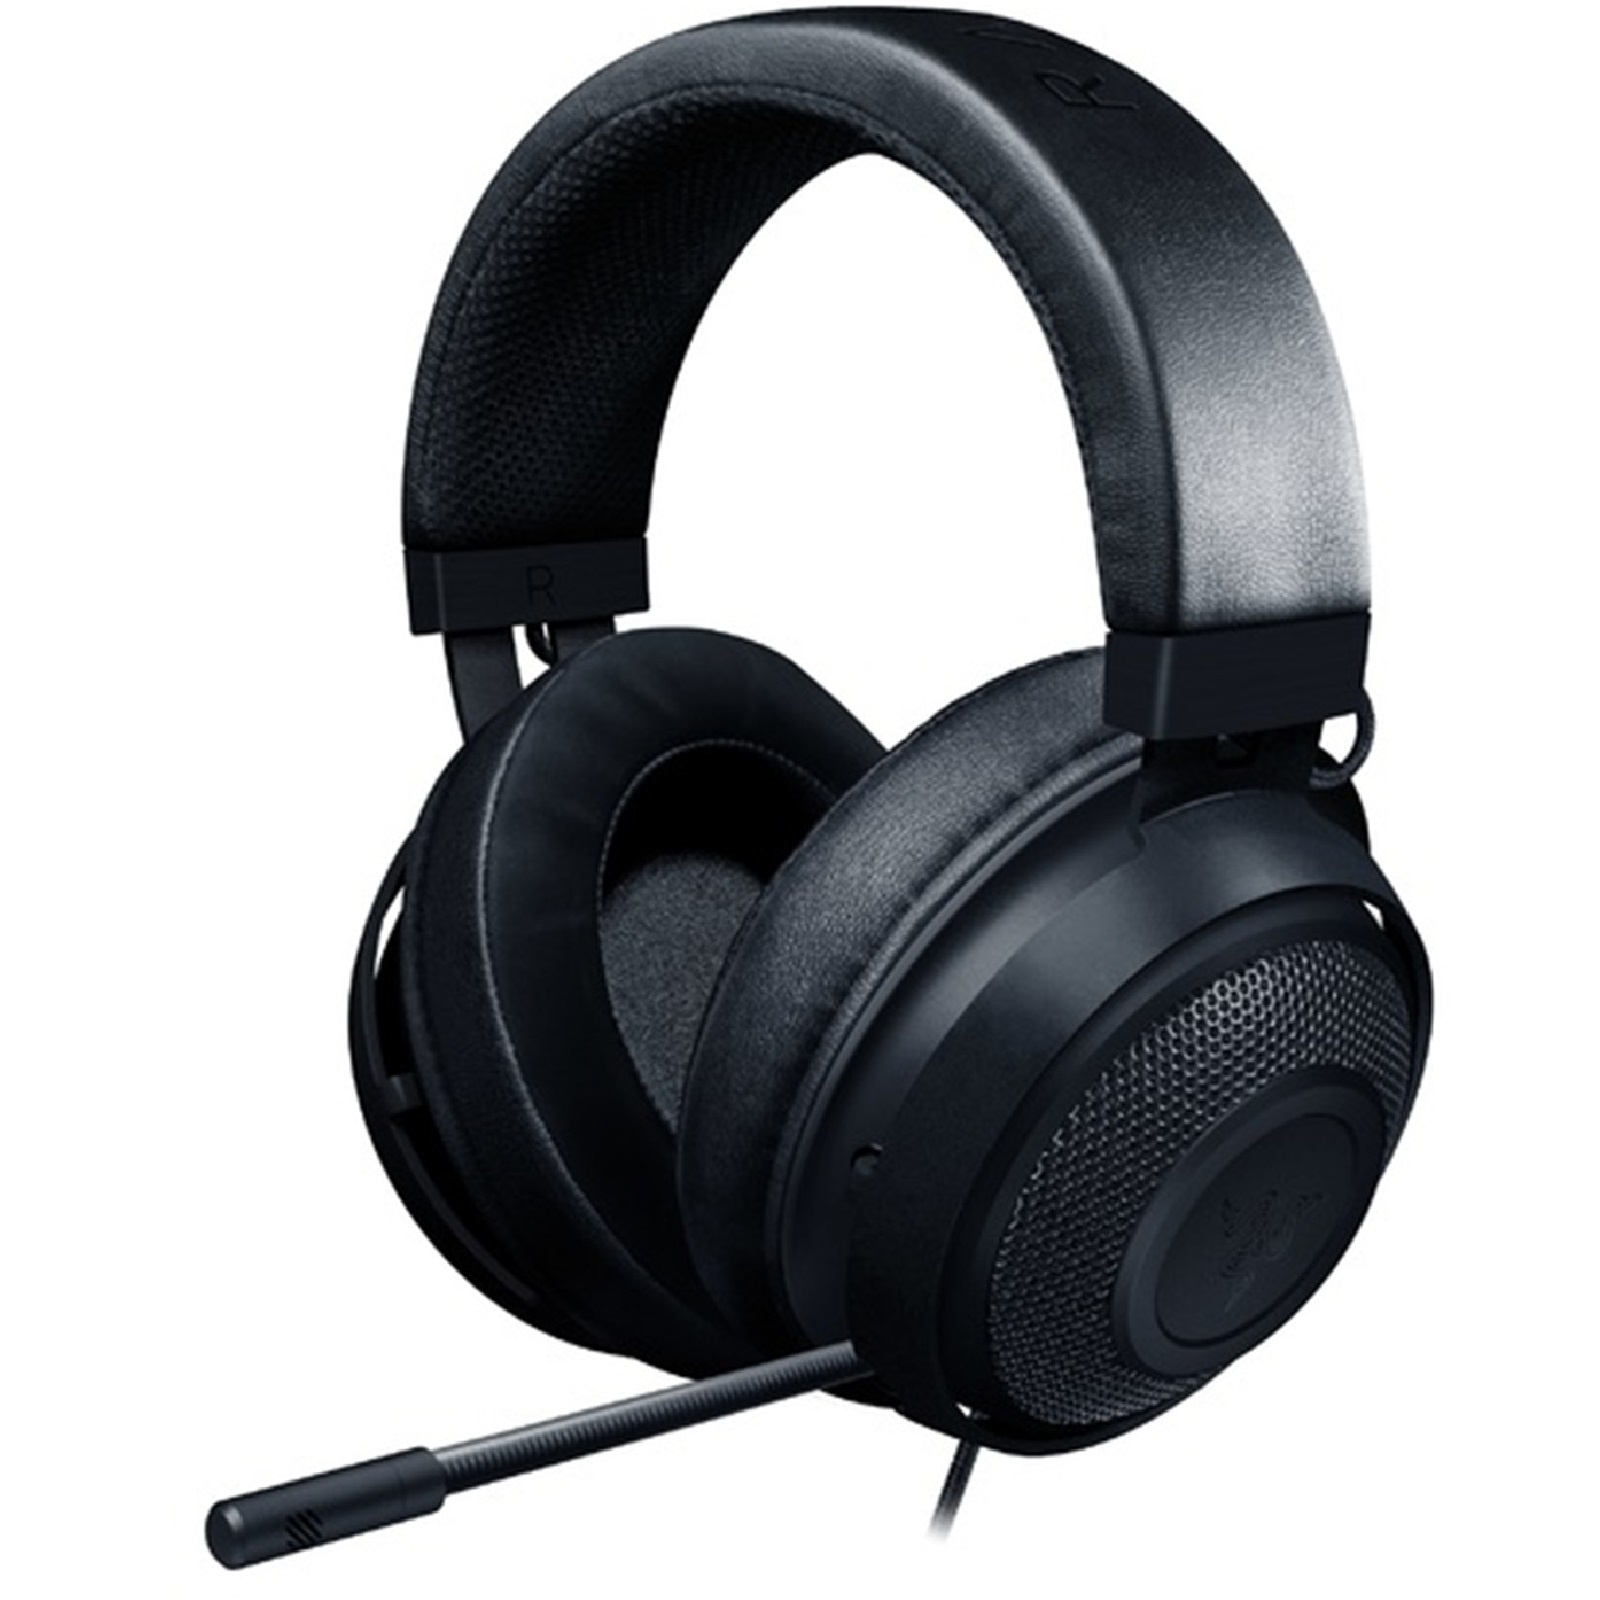 f7fcd68171d Buy the Razer New Kraken V3 Multi Platform Gaming Headset ( RZ04 ...